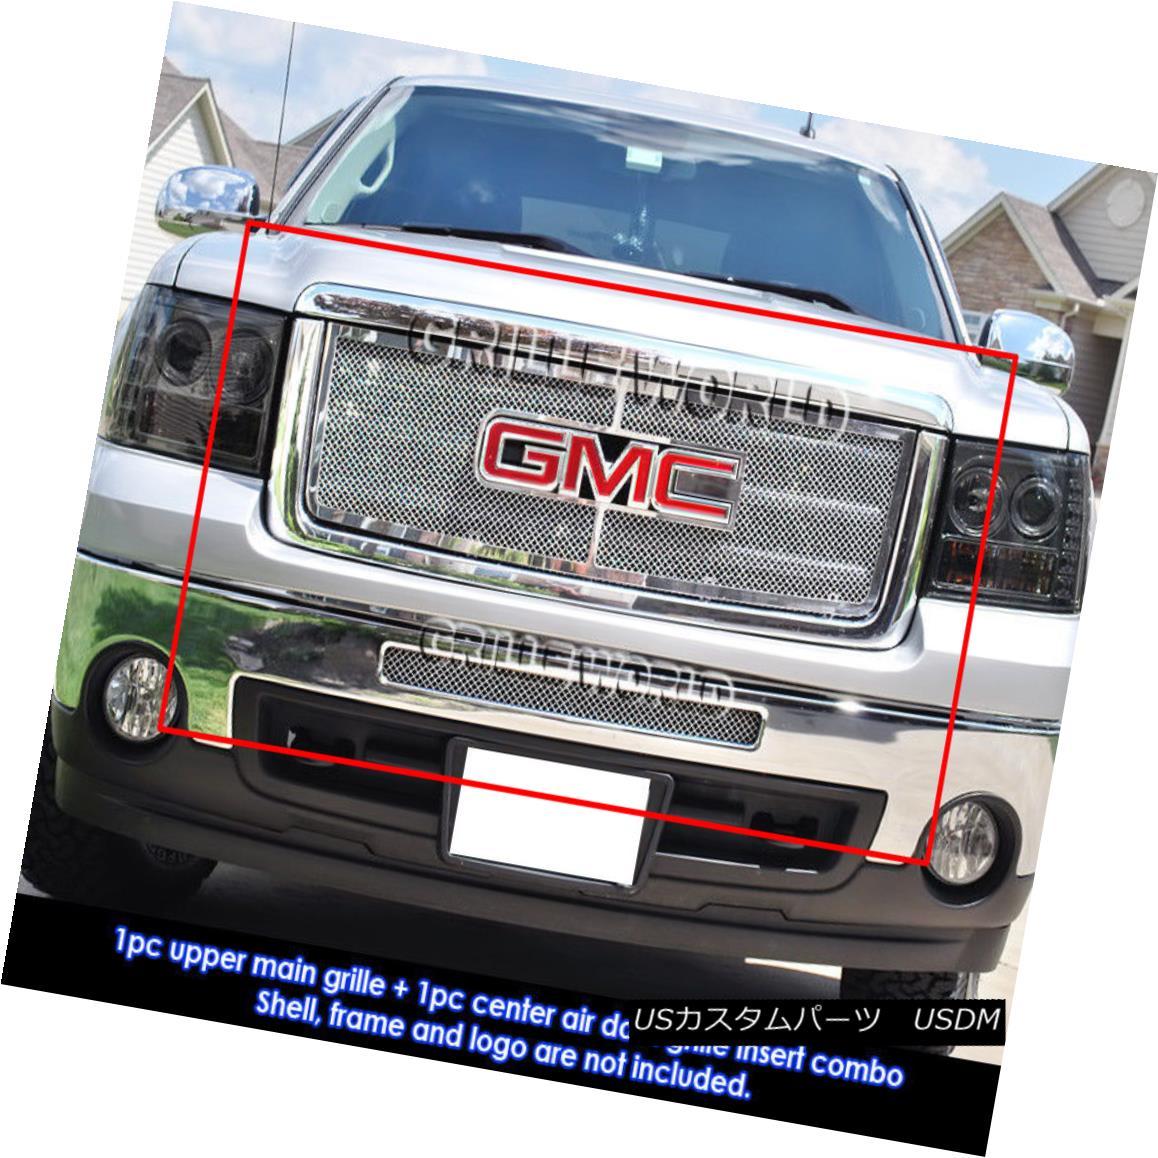 グリル 07-12 GMC Sierra 1500/07-10 GMC Sierra Denali Mesh Grille Grill Combo Insert 07-12 GMC Sierra 1500 / 07-10 GMC Sierra Denaliメッシュグリルグリルコンボインサート